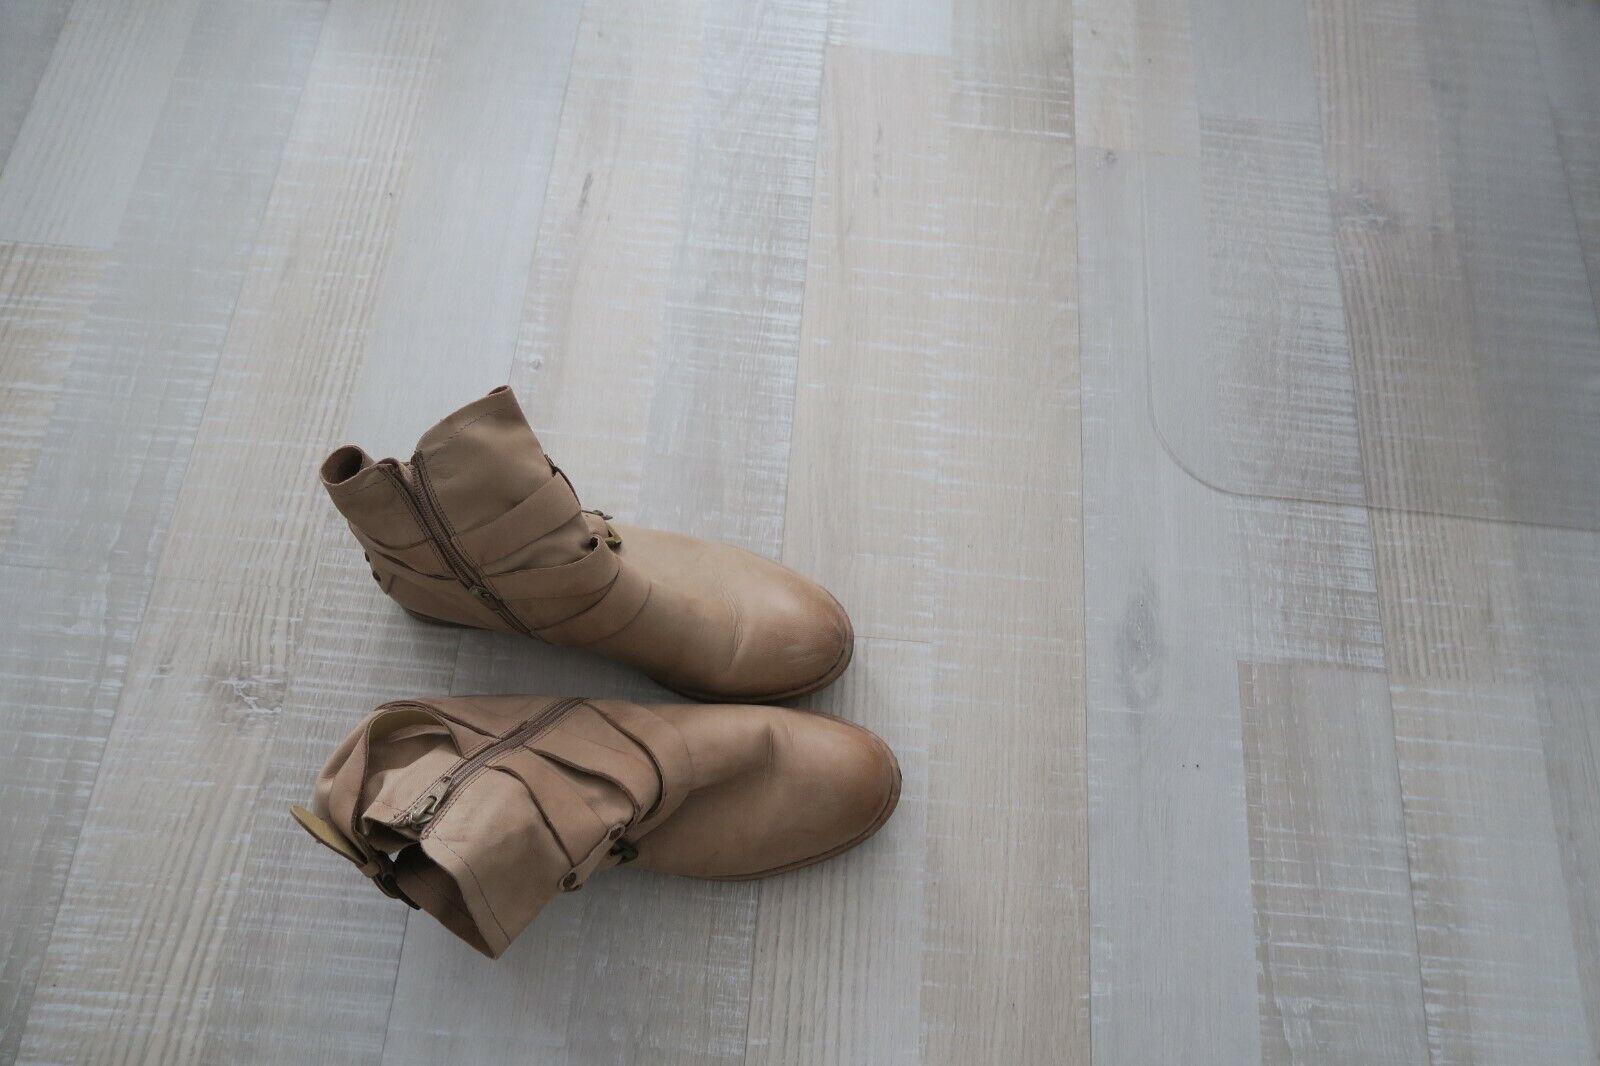 Stiefel, Stiefeletten von bugatti, Gr. 41, Leder, Beige